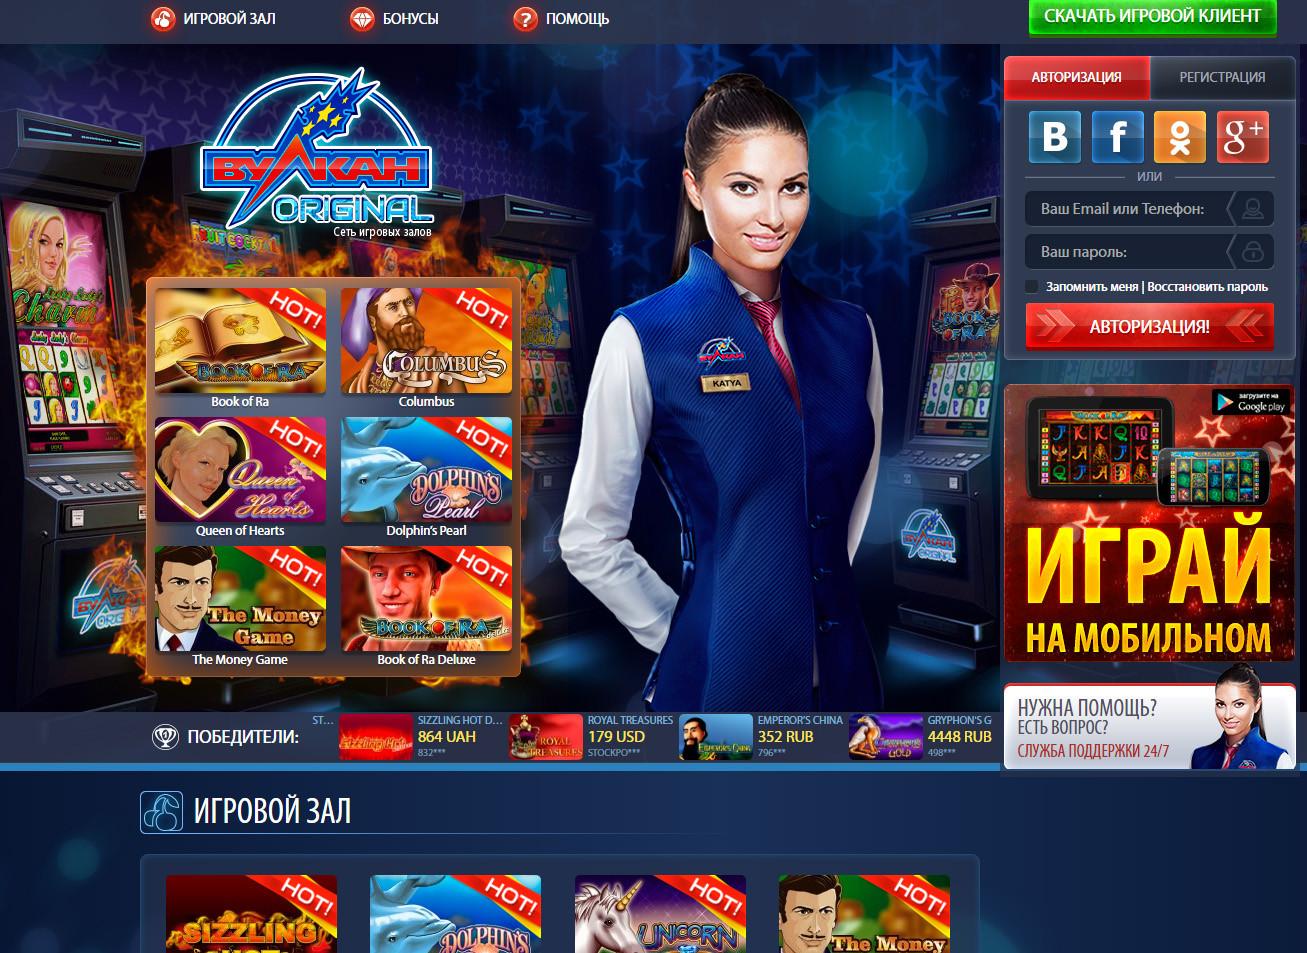 Игровые автоматы клубника играть бесплатно без регистрации